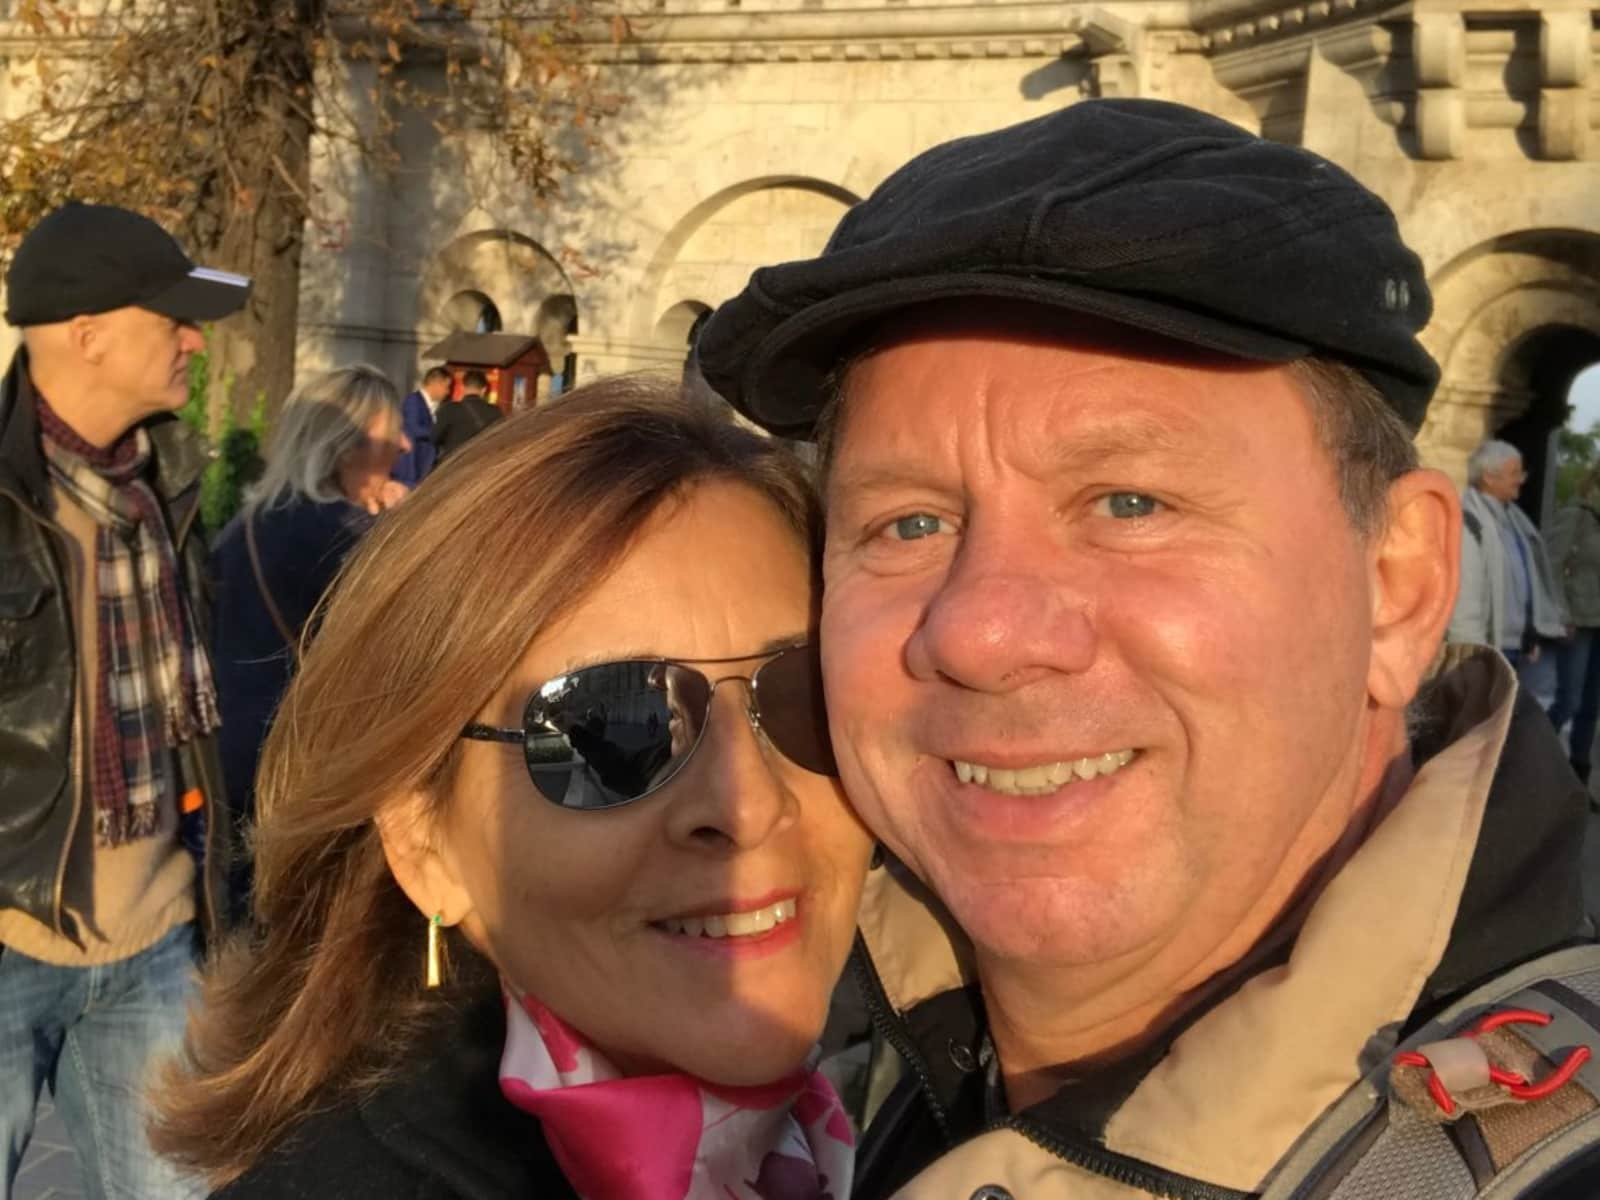 Kevin & Yolanda from Valencia, Spain